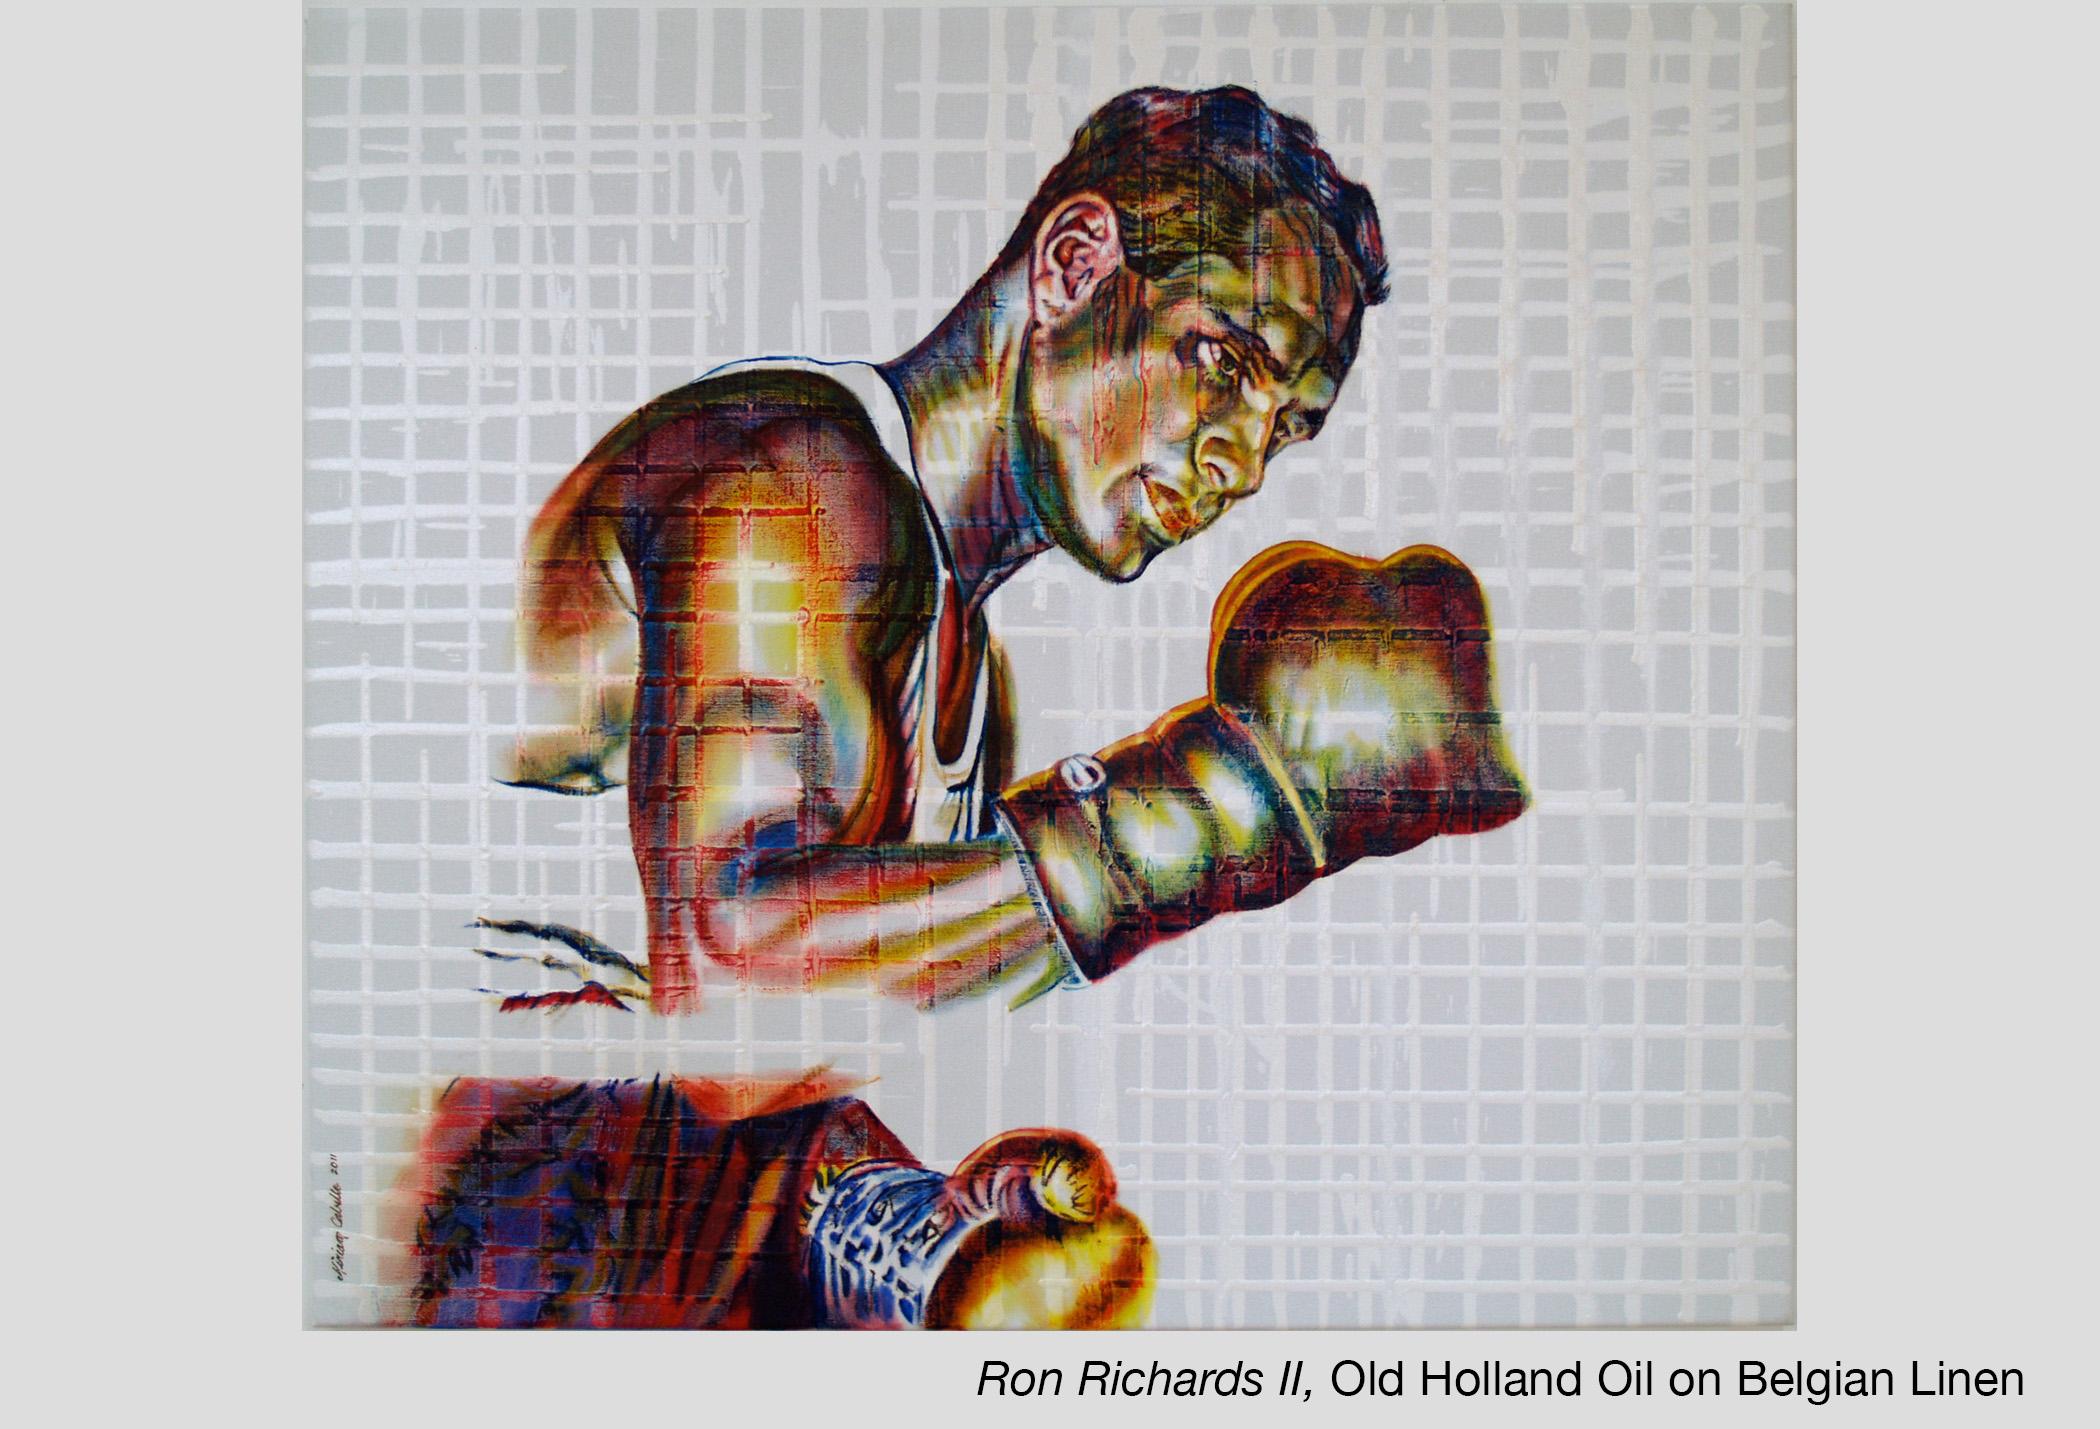 Ron Richards II